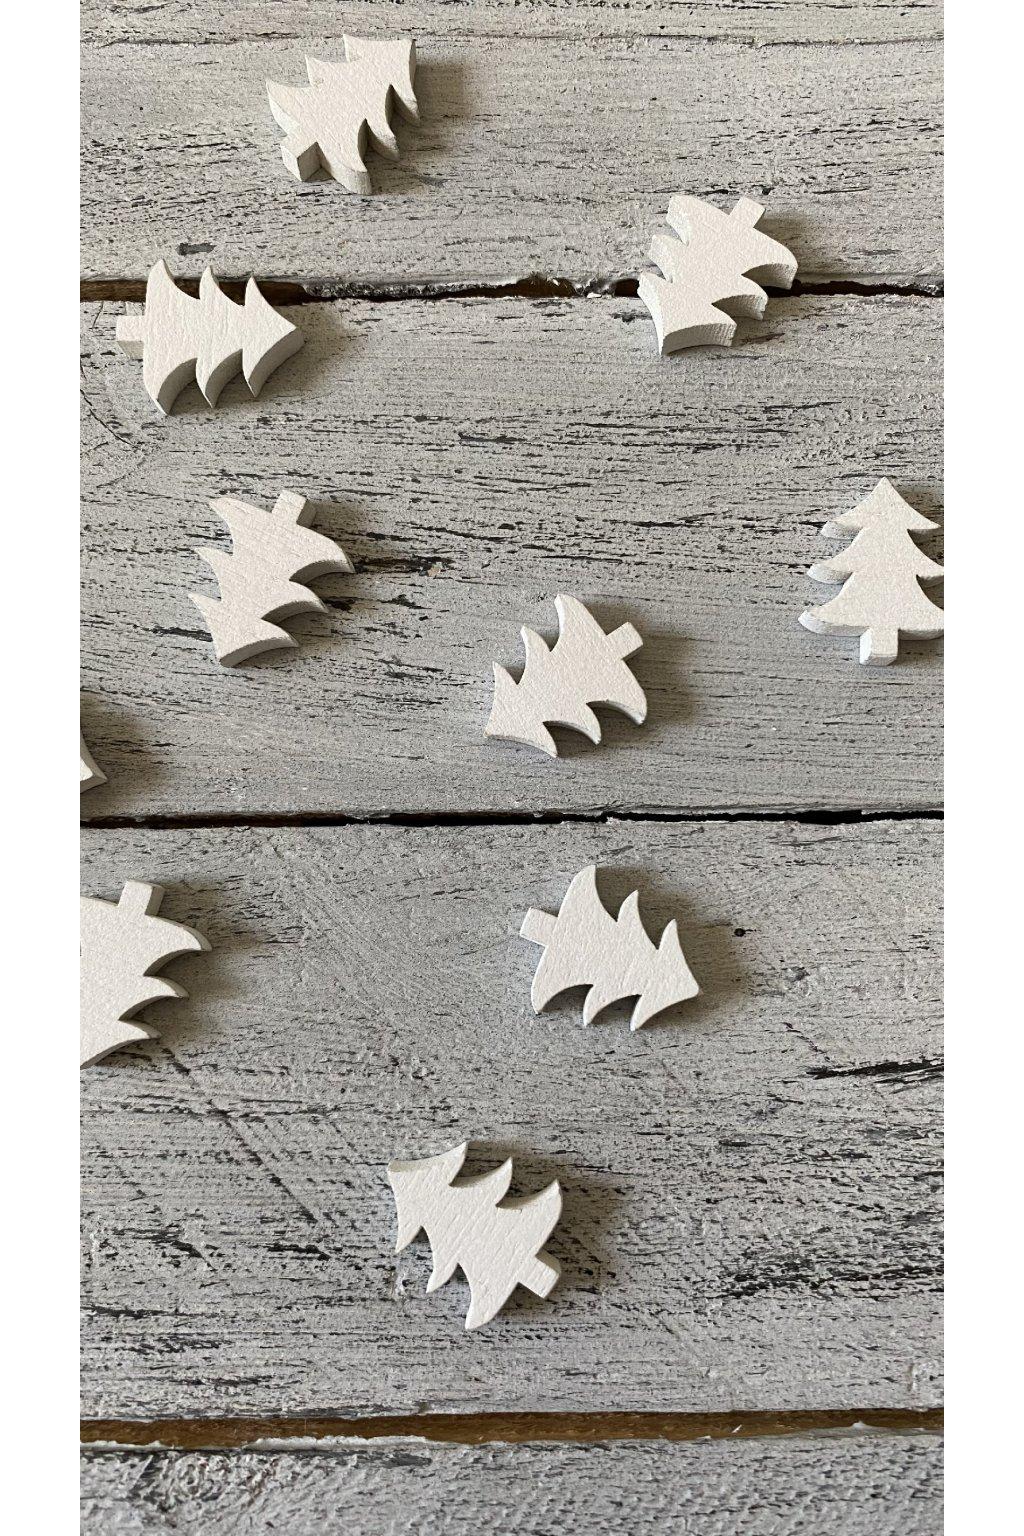 Bílý dřevěný stromeček.  Rozměr 2 x 2 cm